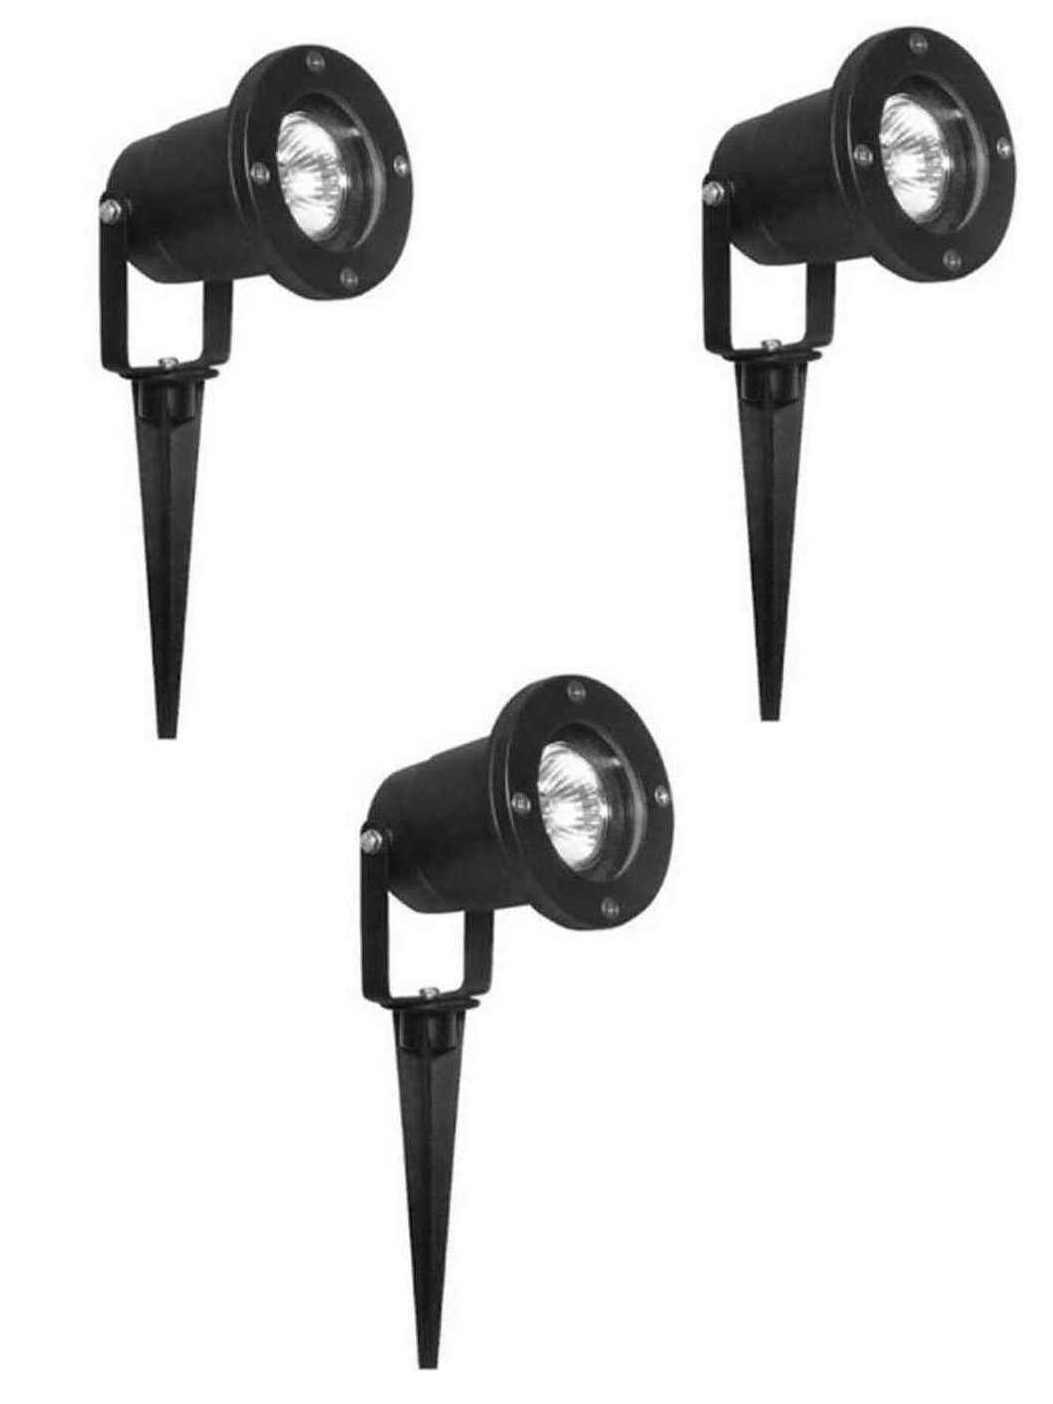 3xgartenstrahler spot rund schwarz schwenkbar ip44 mit. Black Bedroom Furniture Sets. Home Design Ideas